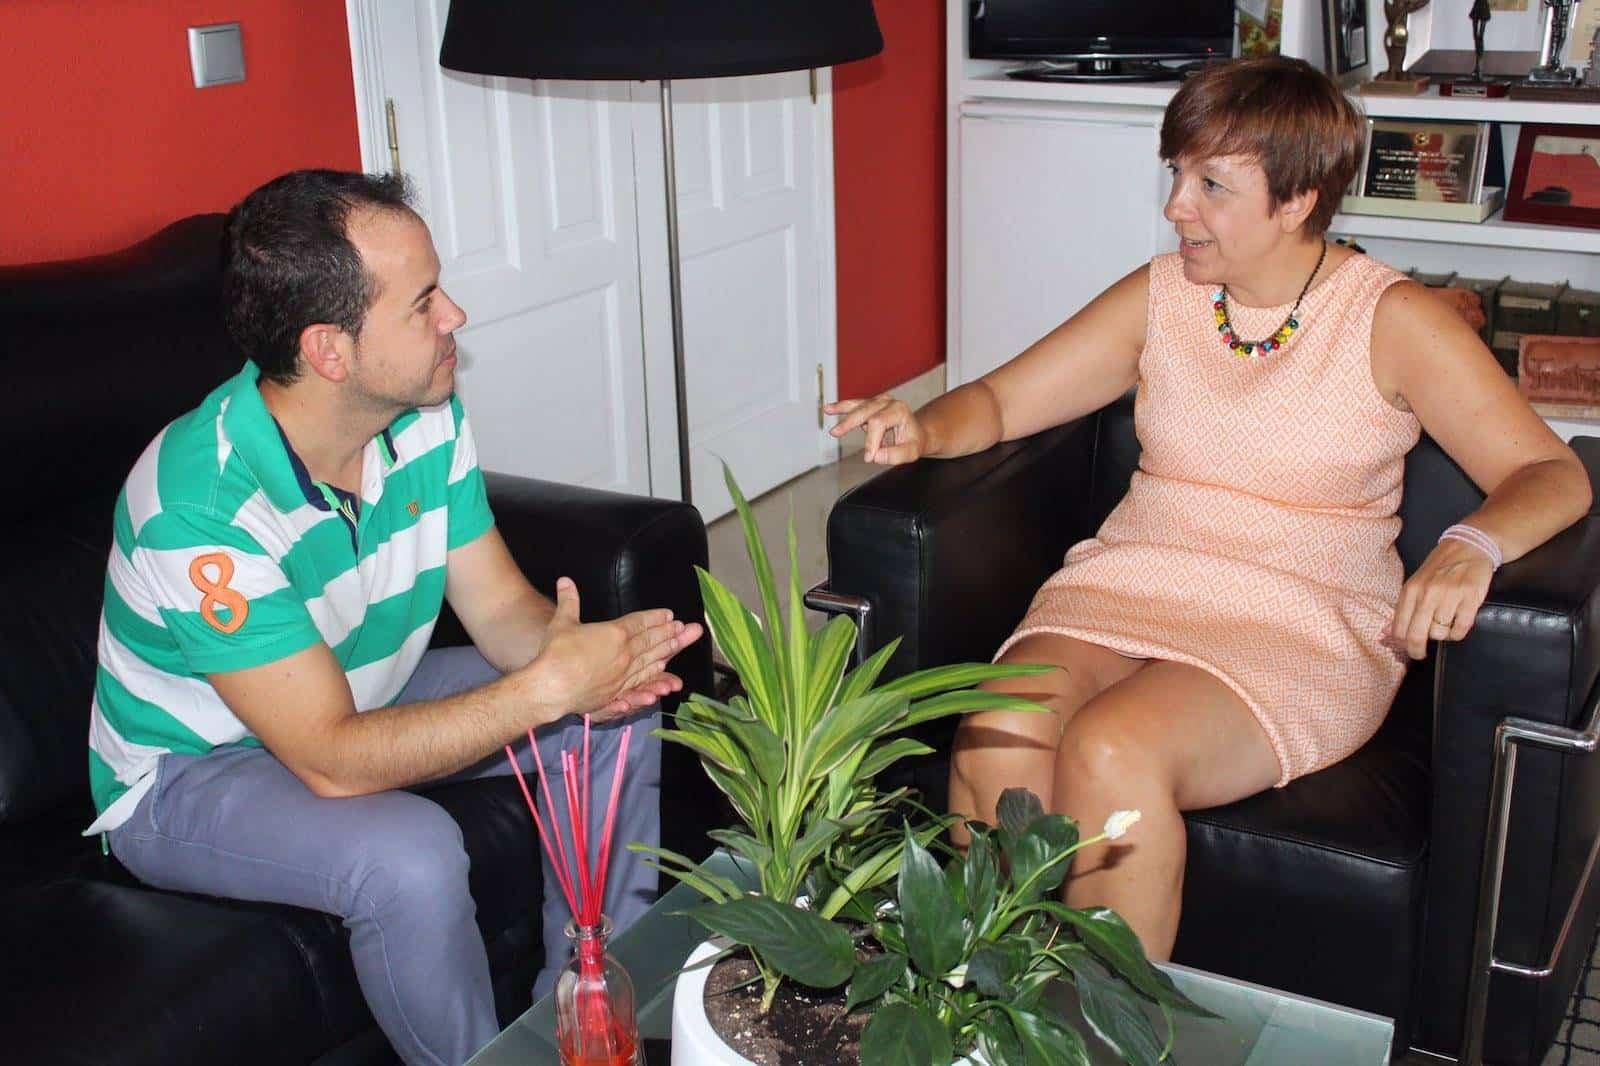 reunion alcalde herencia alcazar de san juan 1 - Reunión entre alcaldes de Herencia y Alcázar de San Juan